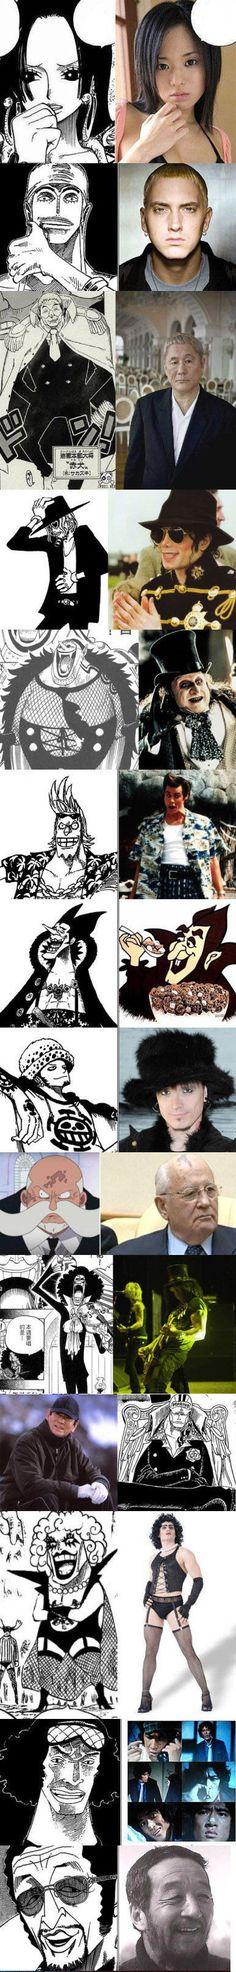 Alguns personagens de One Piece que foram inspirados em pessoas reais!